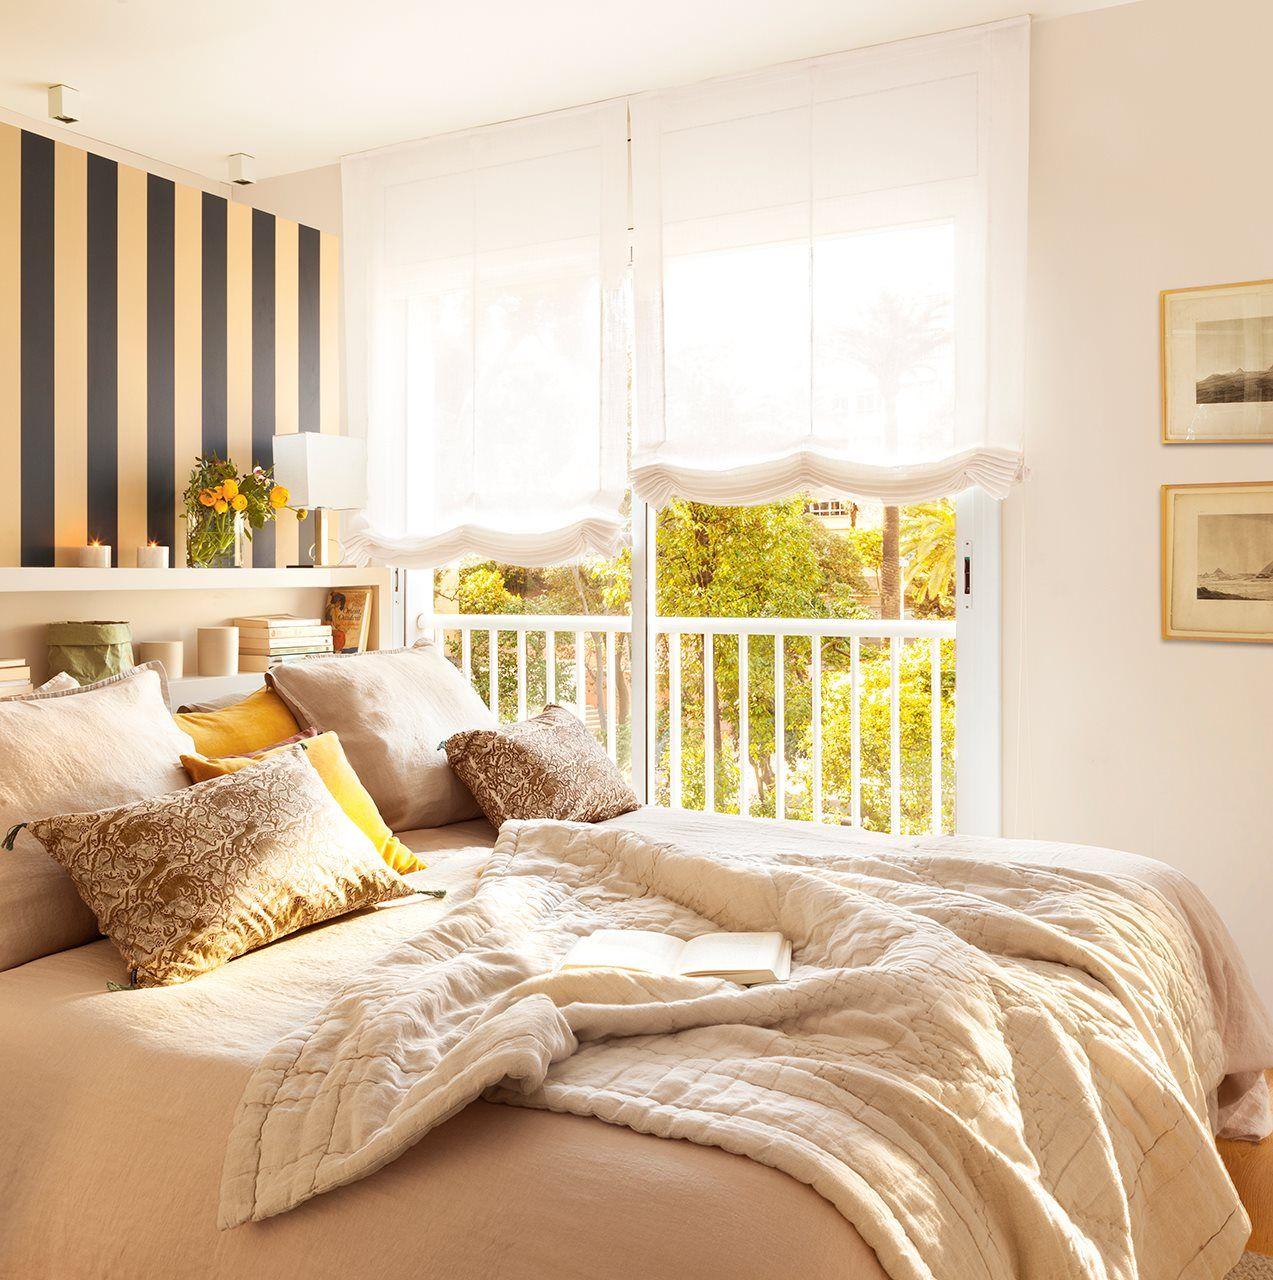 Dormitorio Con Ropa De Cama En Beige Y Dorado Y Estores Blancos A  ~ Decorar Comoda Dormitorio Matrimonio